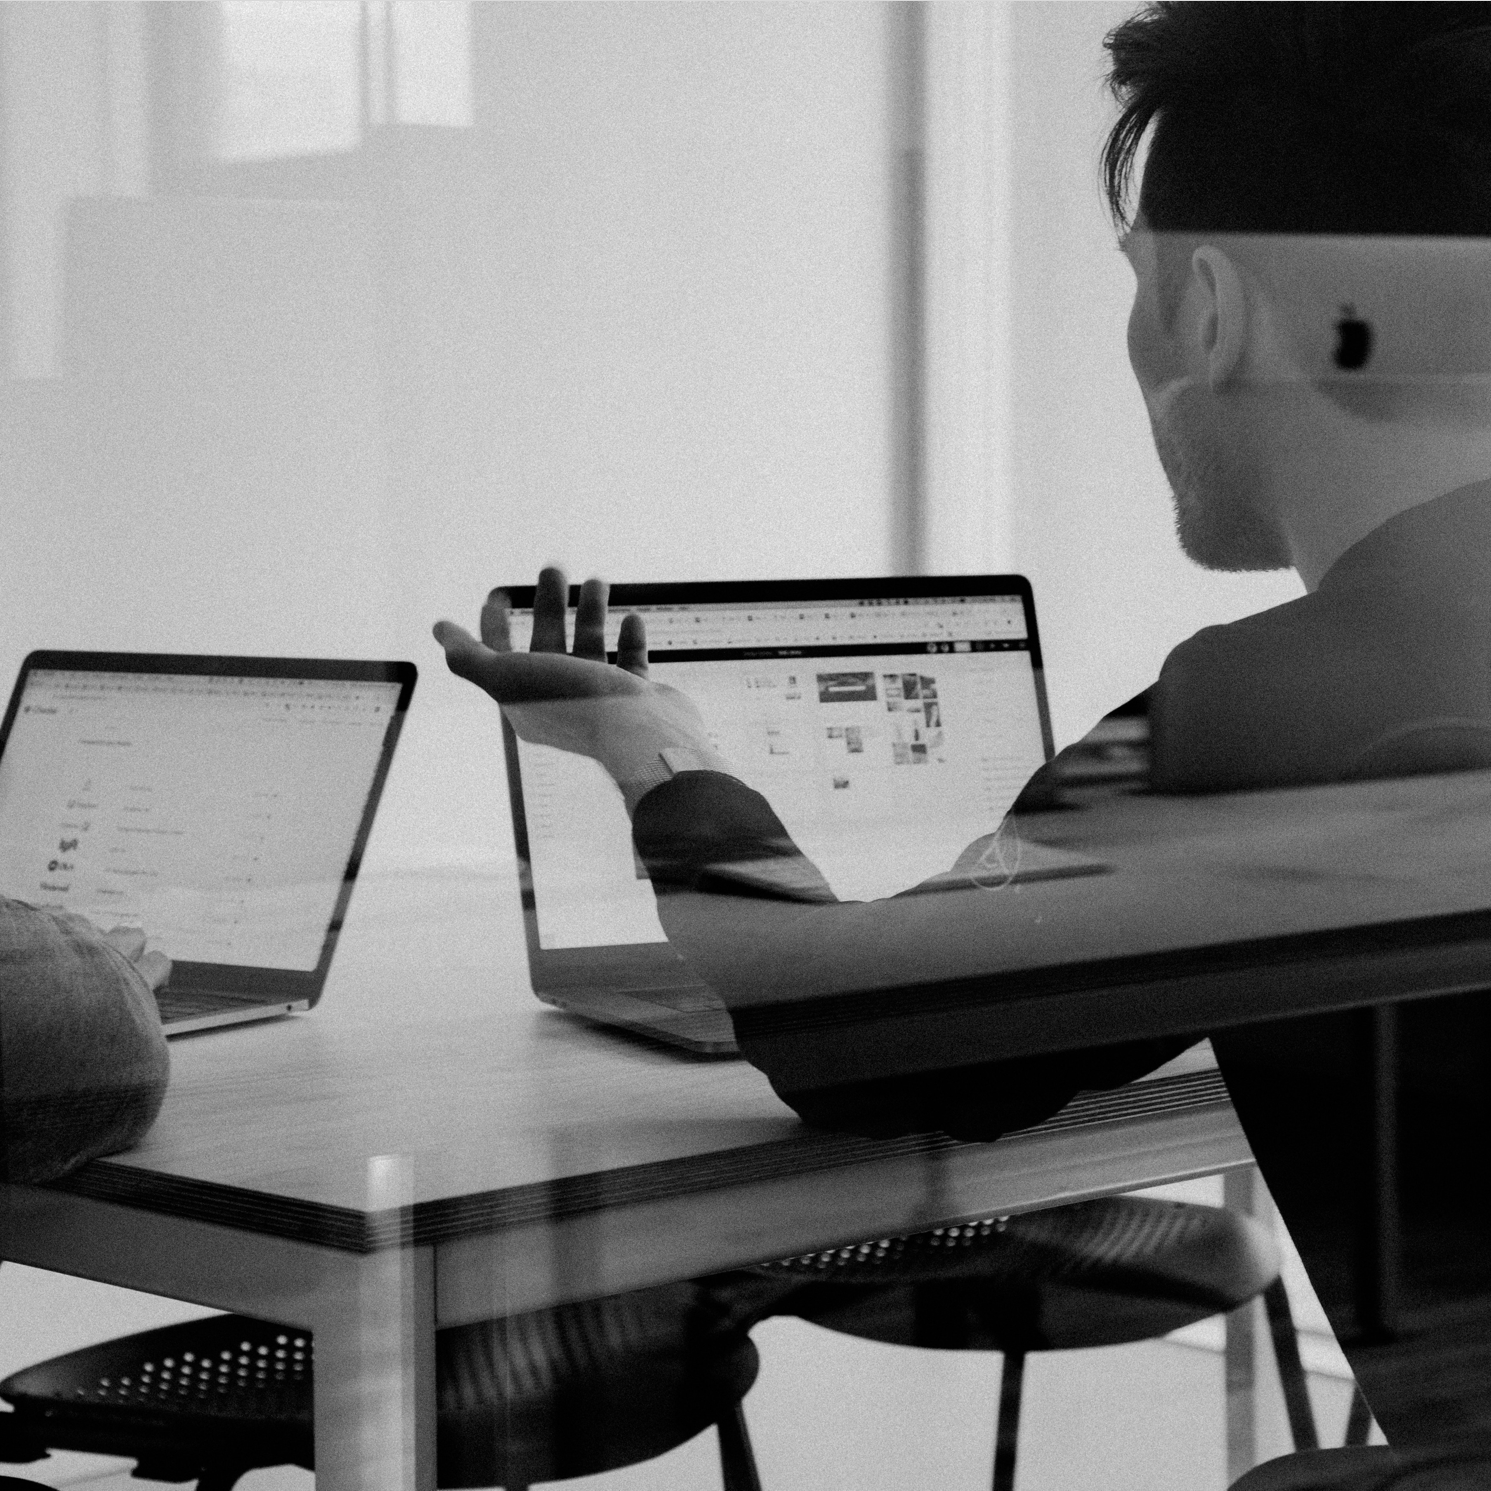 Startups vs Corporates - Profundos conocedores del ecosistema digital y emprendedor a nivel global, trabajamos para los proyectos más ambiciosos del mundo Fintech e Insurtech con estrecha relación con los principales fondos de capital riesgo y Asociaciones de Inversores, así como Instituciones disruptivas y los Hubs de innovación de las principales Corporates.Ofrecemos a las Corporates servicio de consultoría estratégica para innovar mediante la colaboración estrecha con emprendedores y startup estrechamente ligadas a su sector y con iniciativas sorprendentes y con foco en la monetización desde el minuto cero.